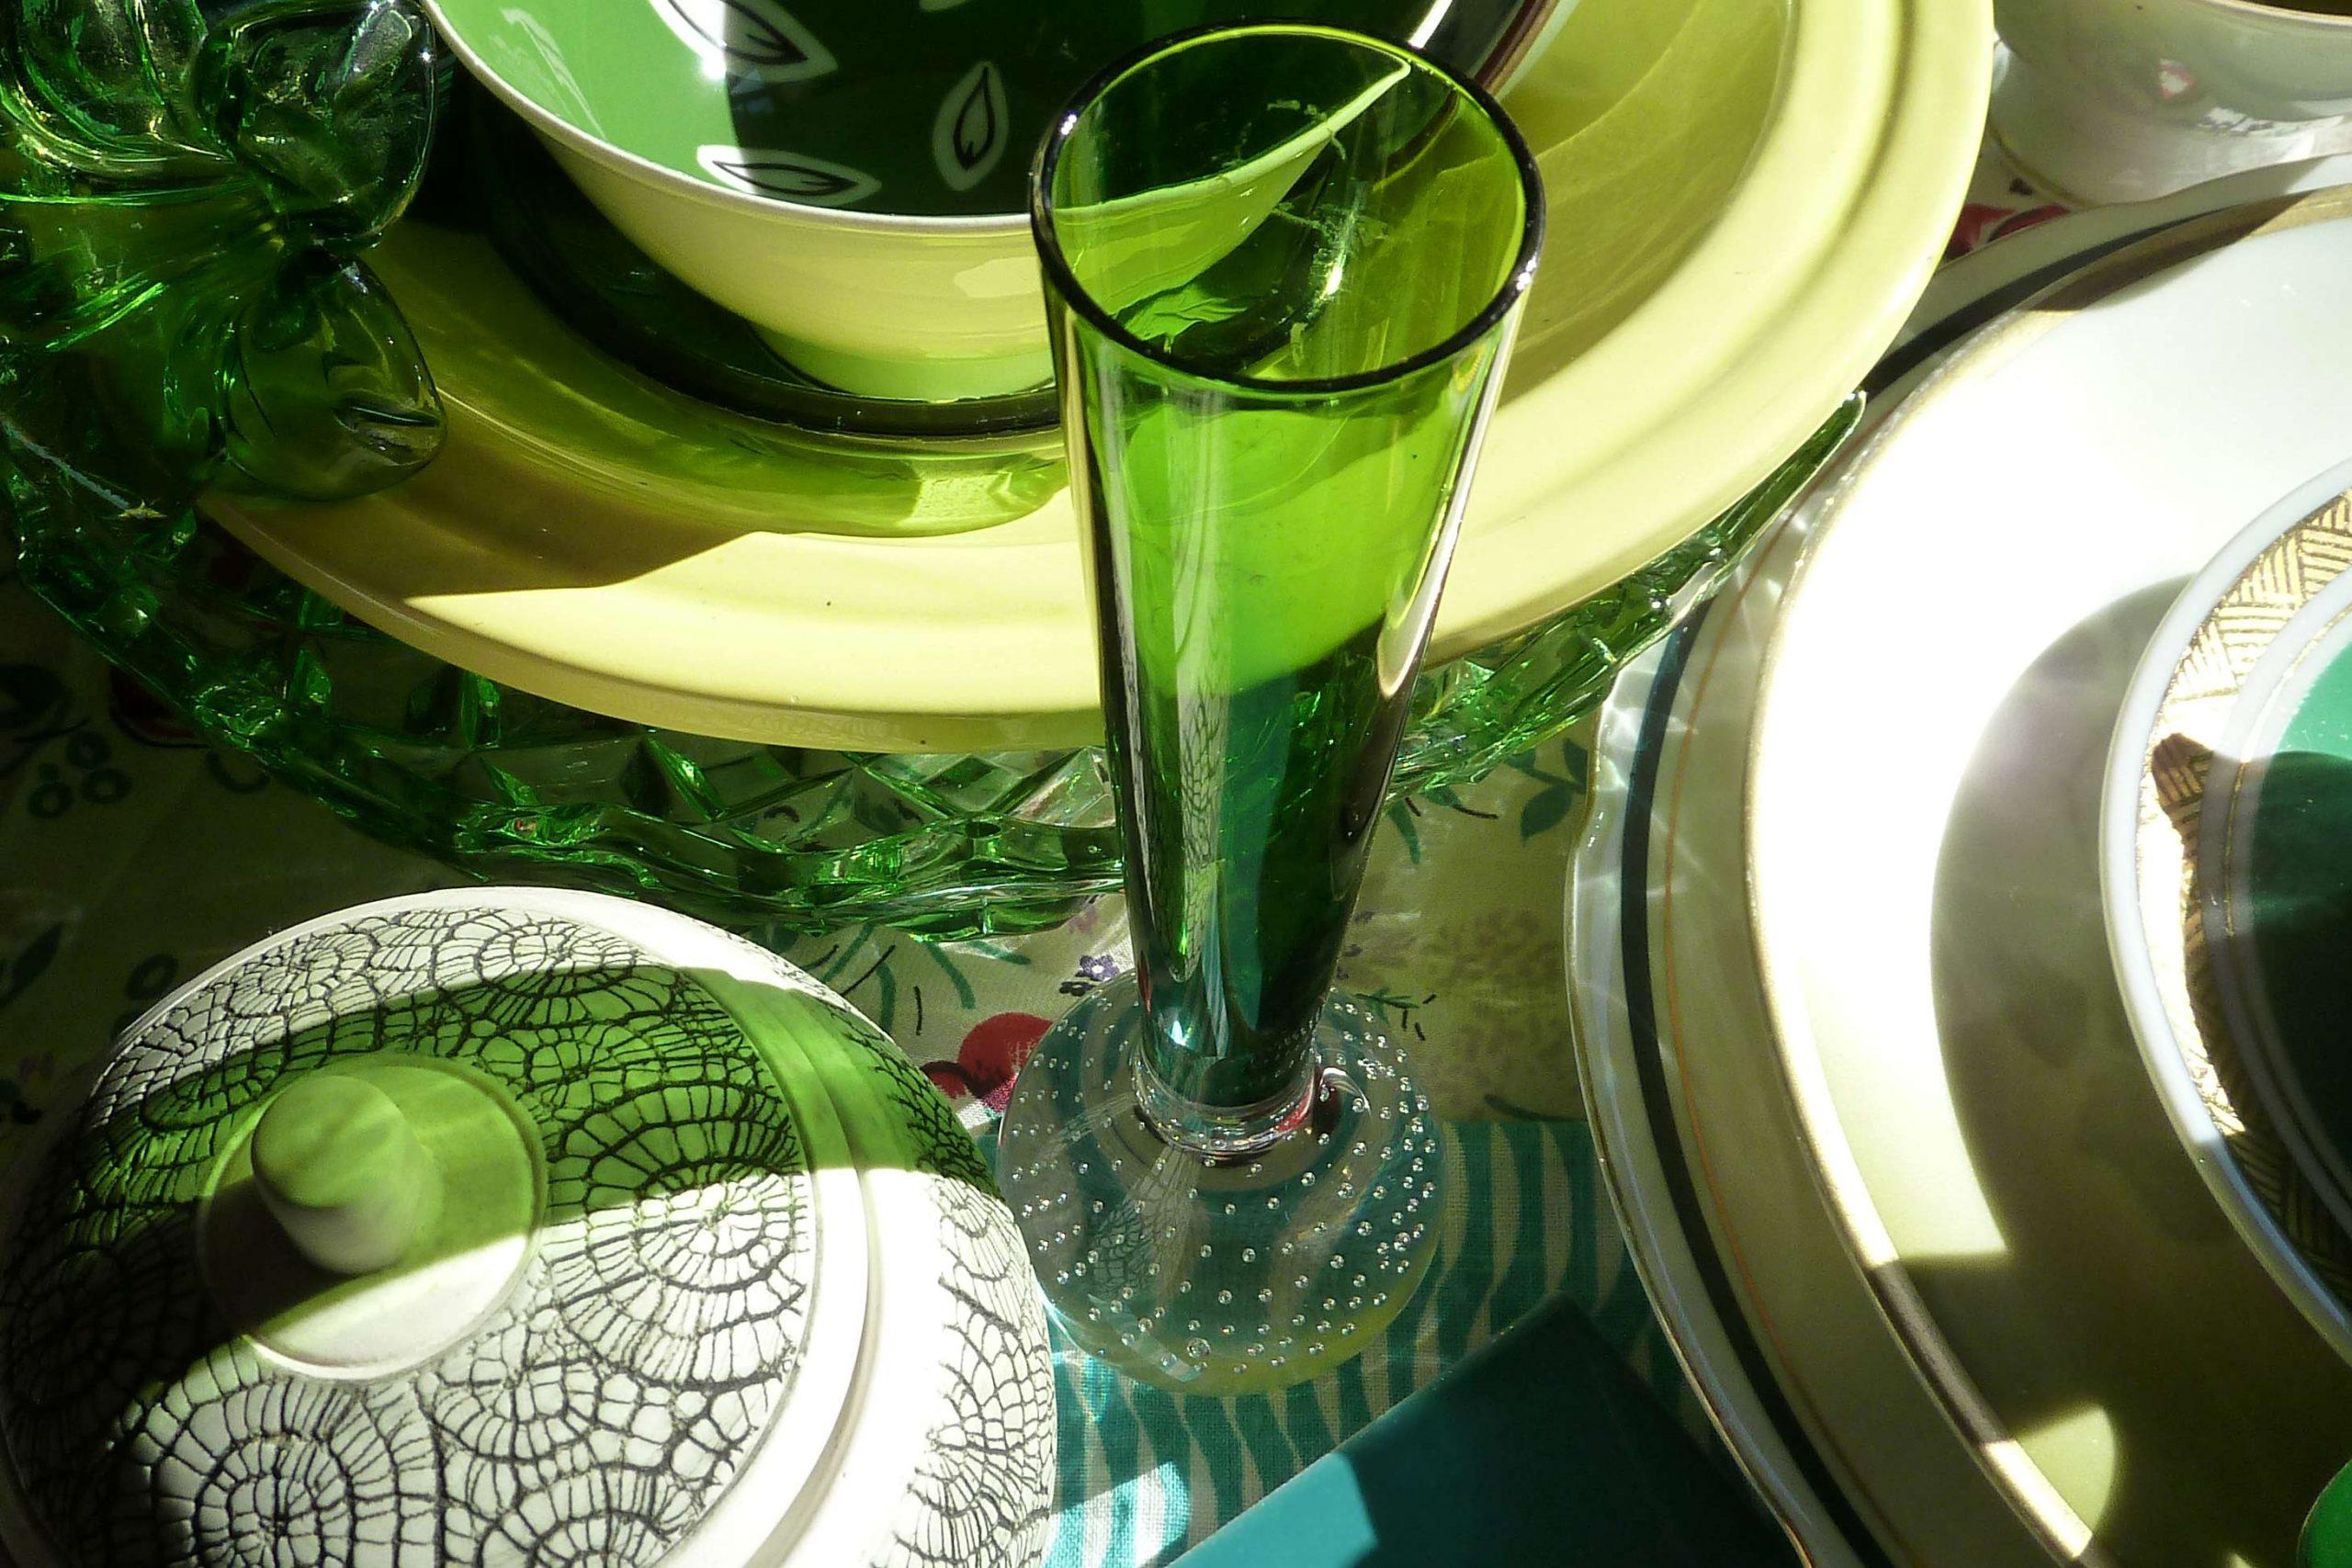 Detail grünes Porzellan und Glas in der Mai Sonne